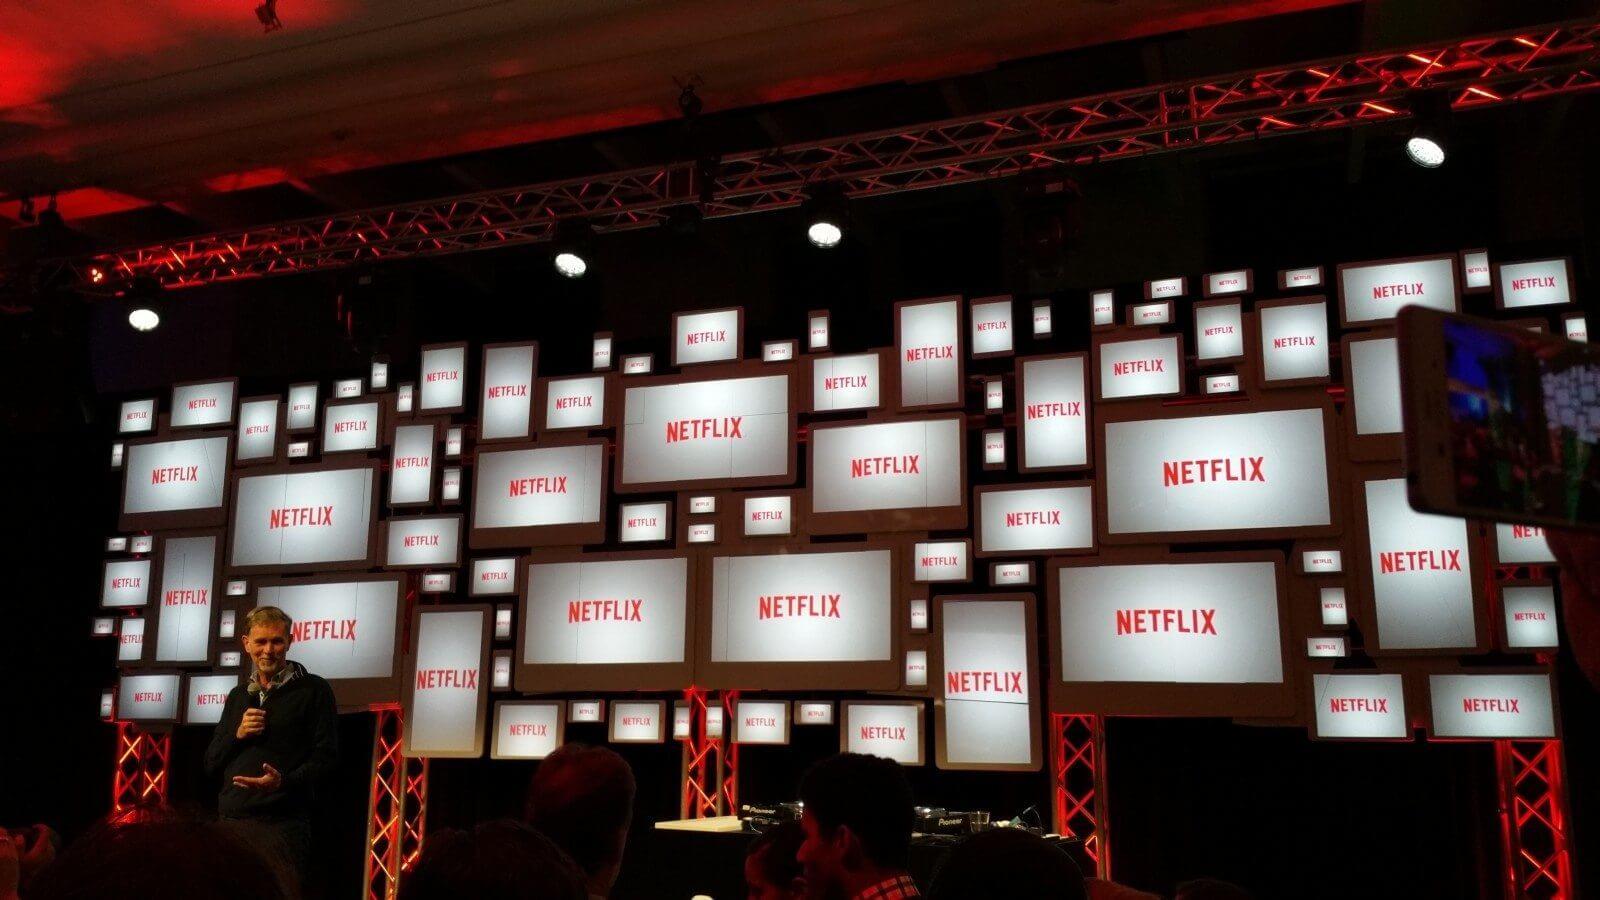 Netflix cobranca imposto 2 - Entenda o imposto sobre o Netflix e Spotify no Brasil